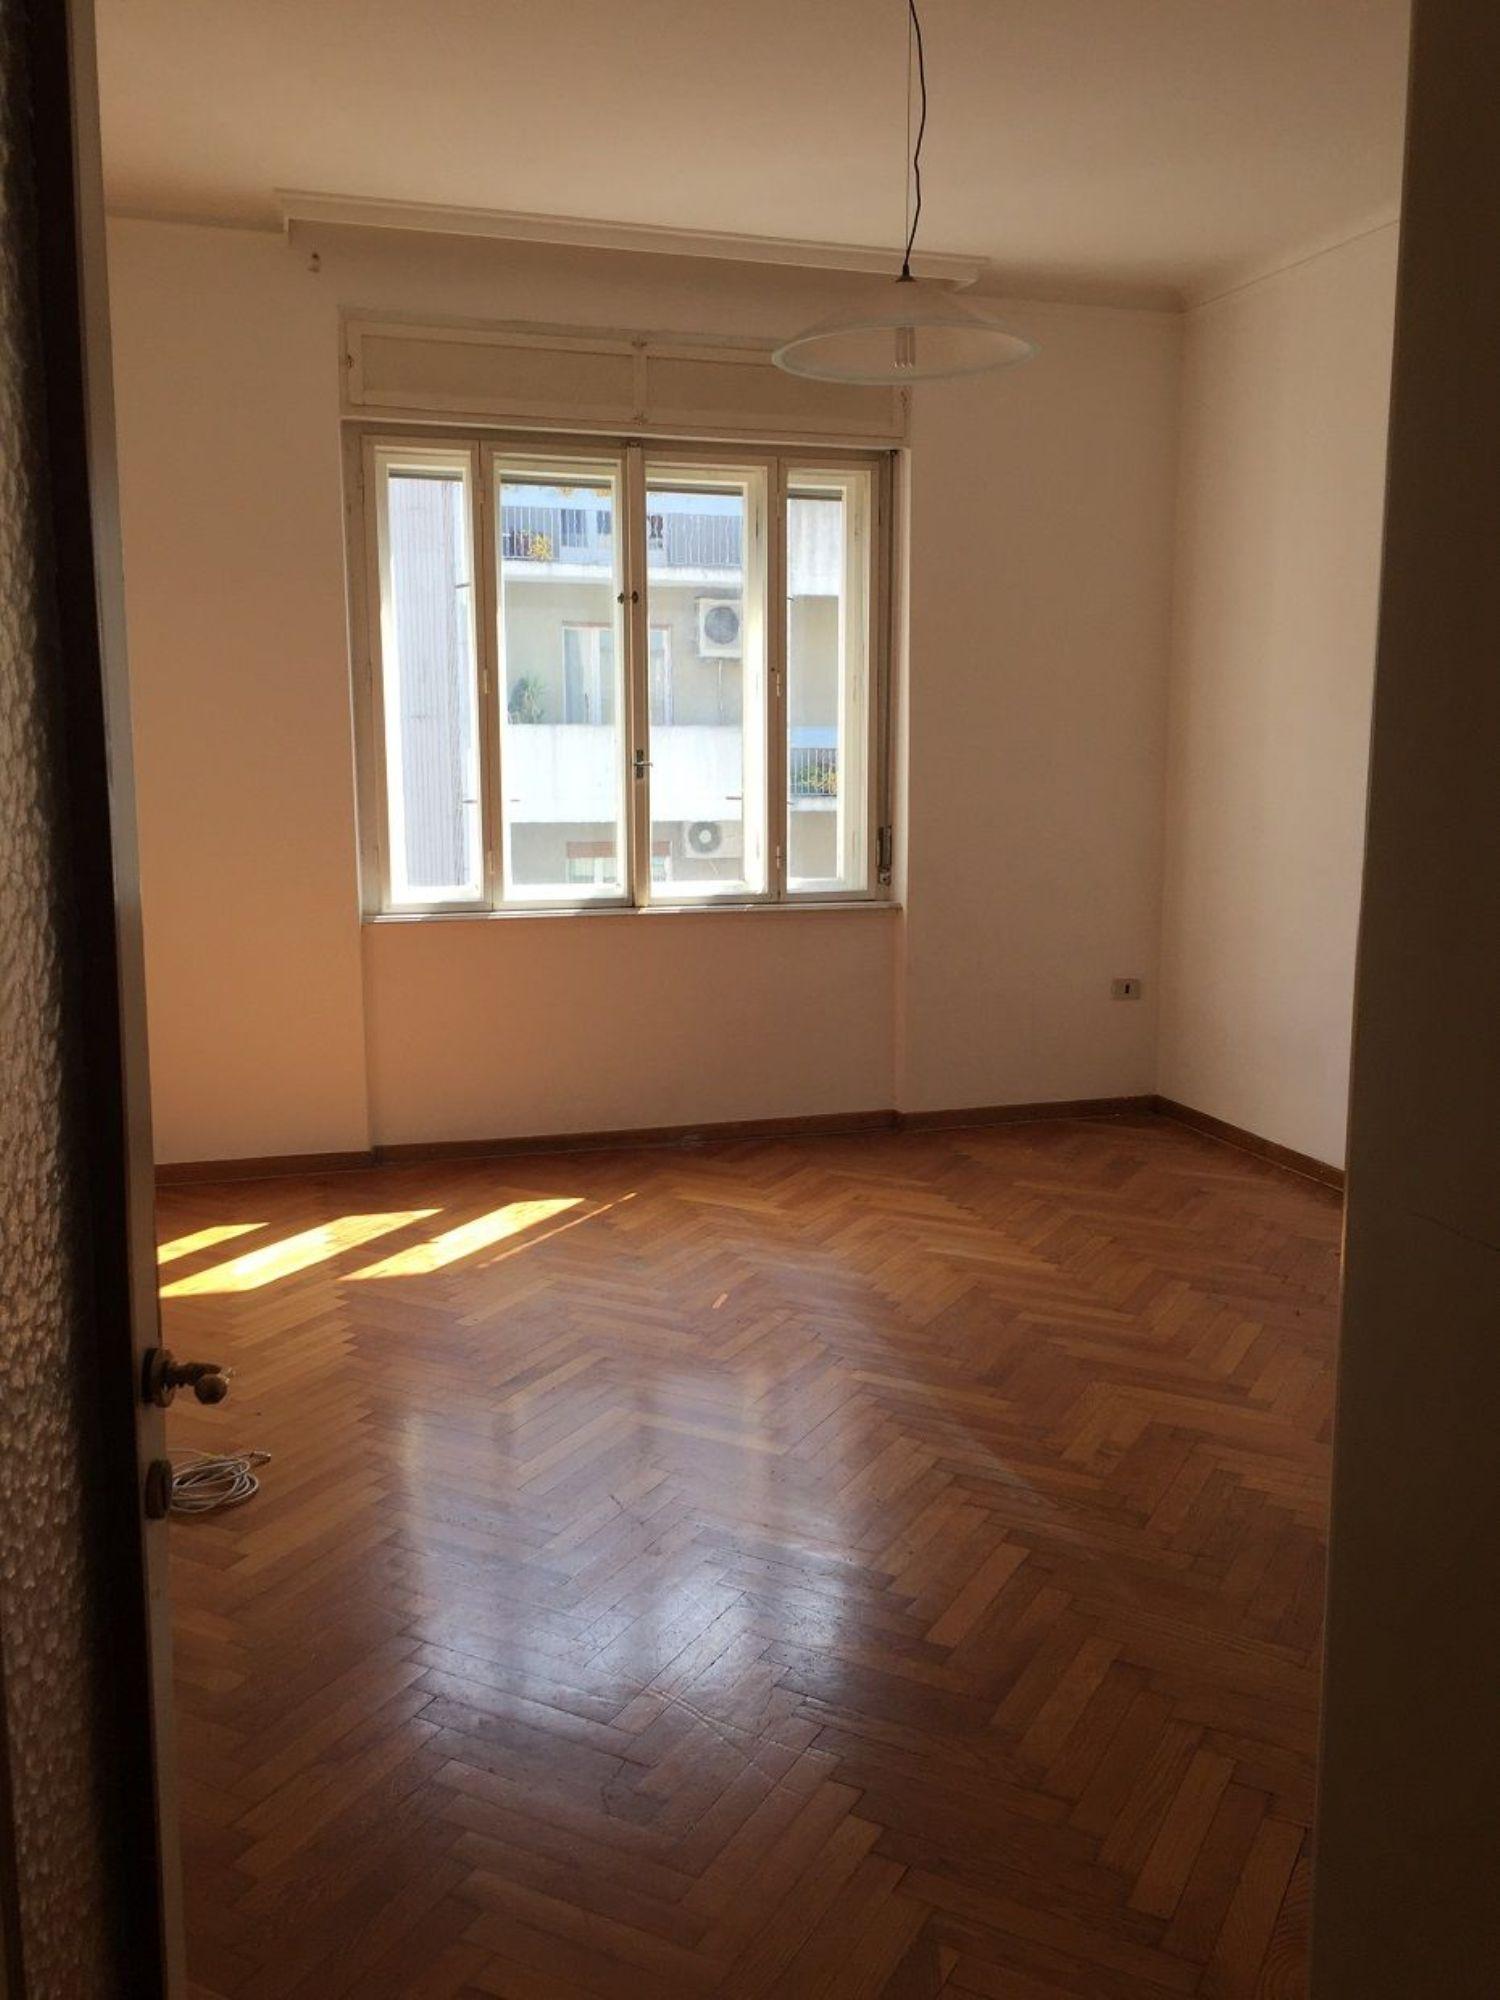 Appartamento in affitto a Trieste, 5 locali, prezzo € 650 | Cambio Casa.it